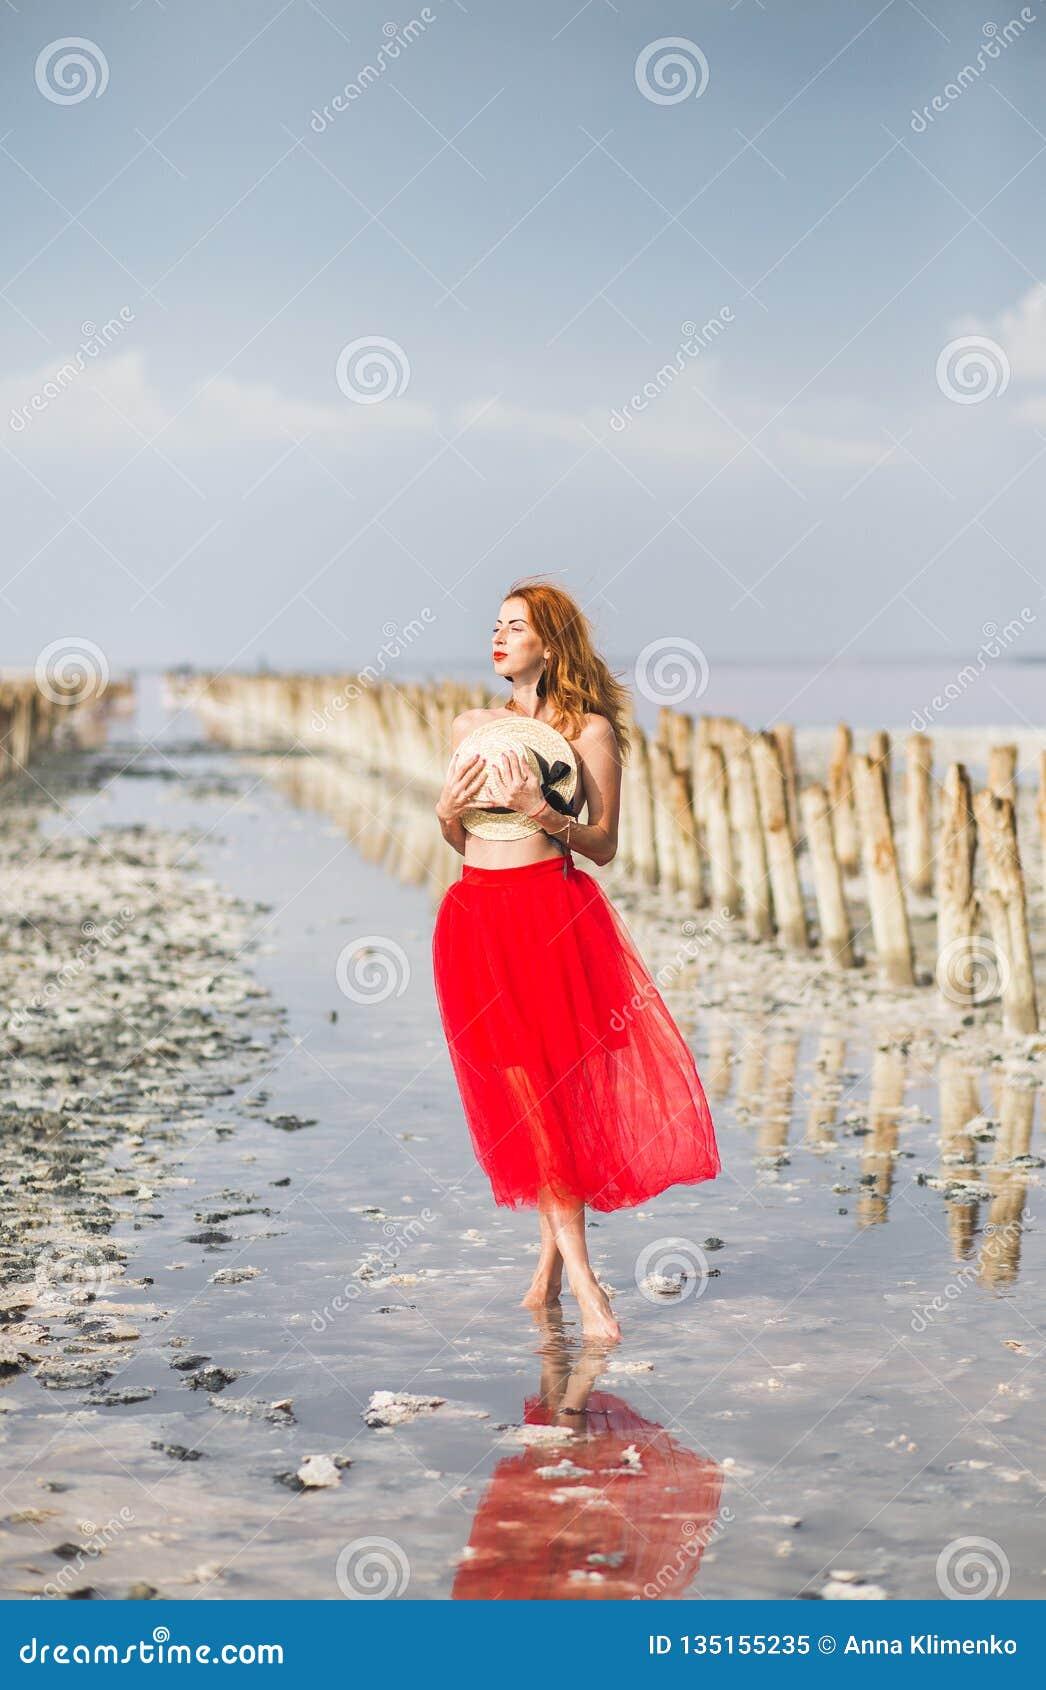 Красивая рыжеволосая маленькая девочка на пляже